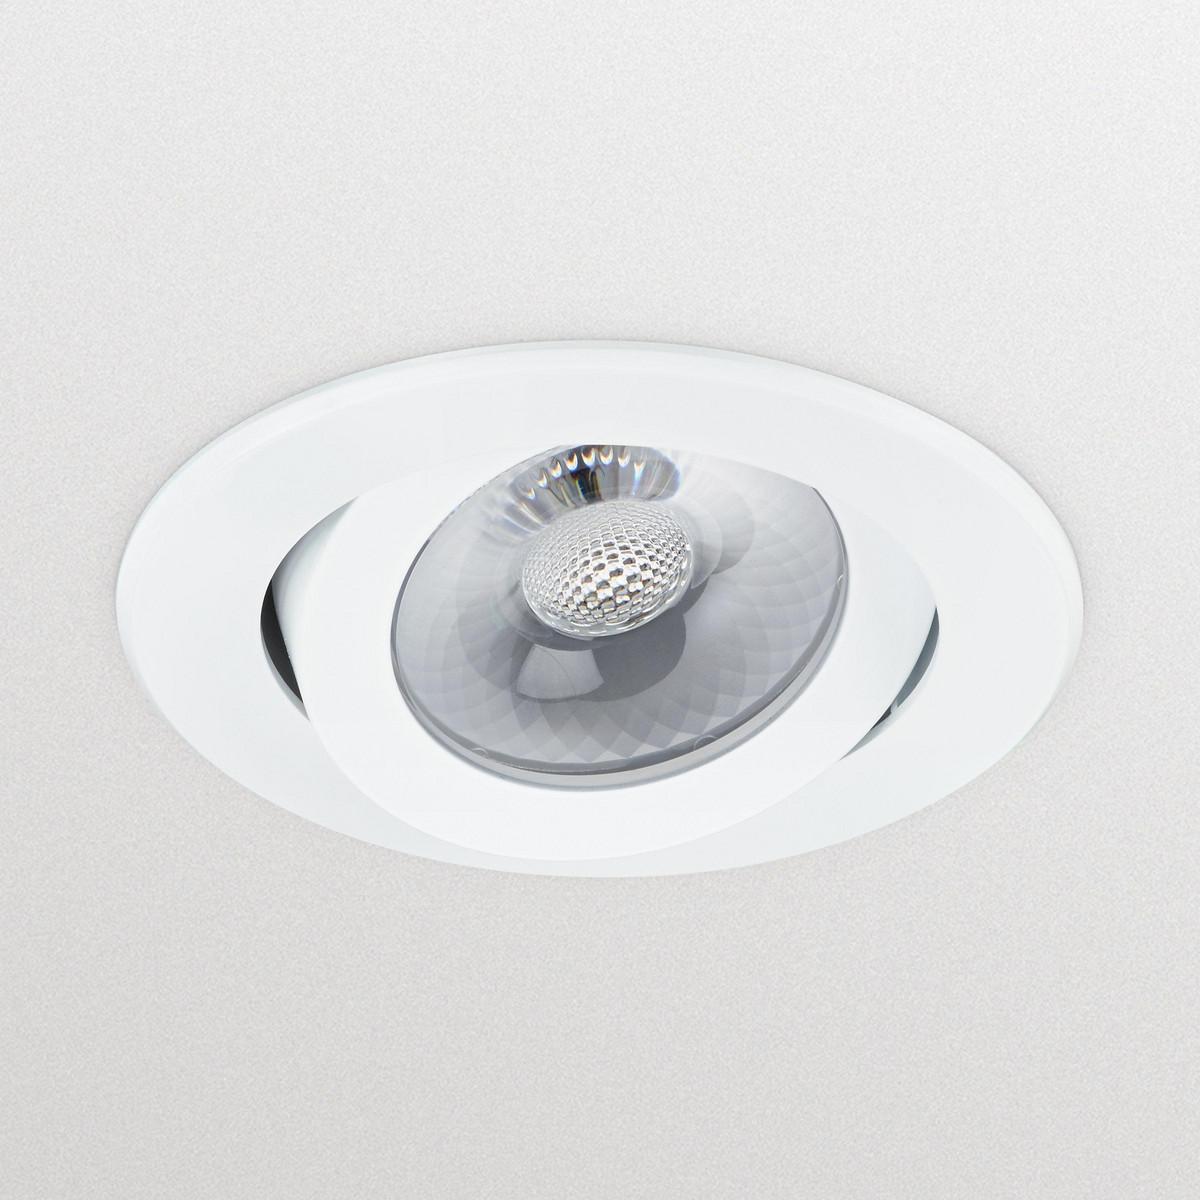 Philips CoreLine Indbygningsspot RS141B 650Lm/827 32° Hvid